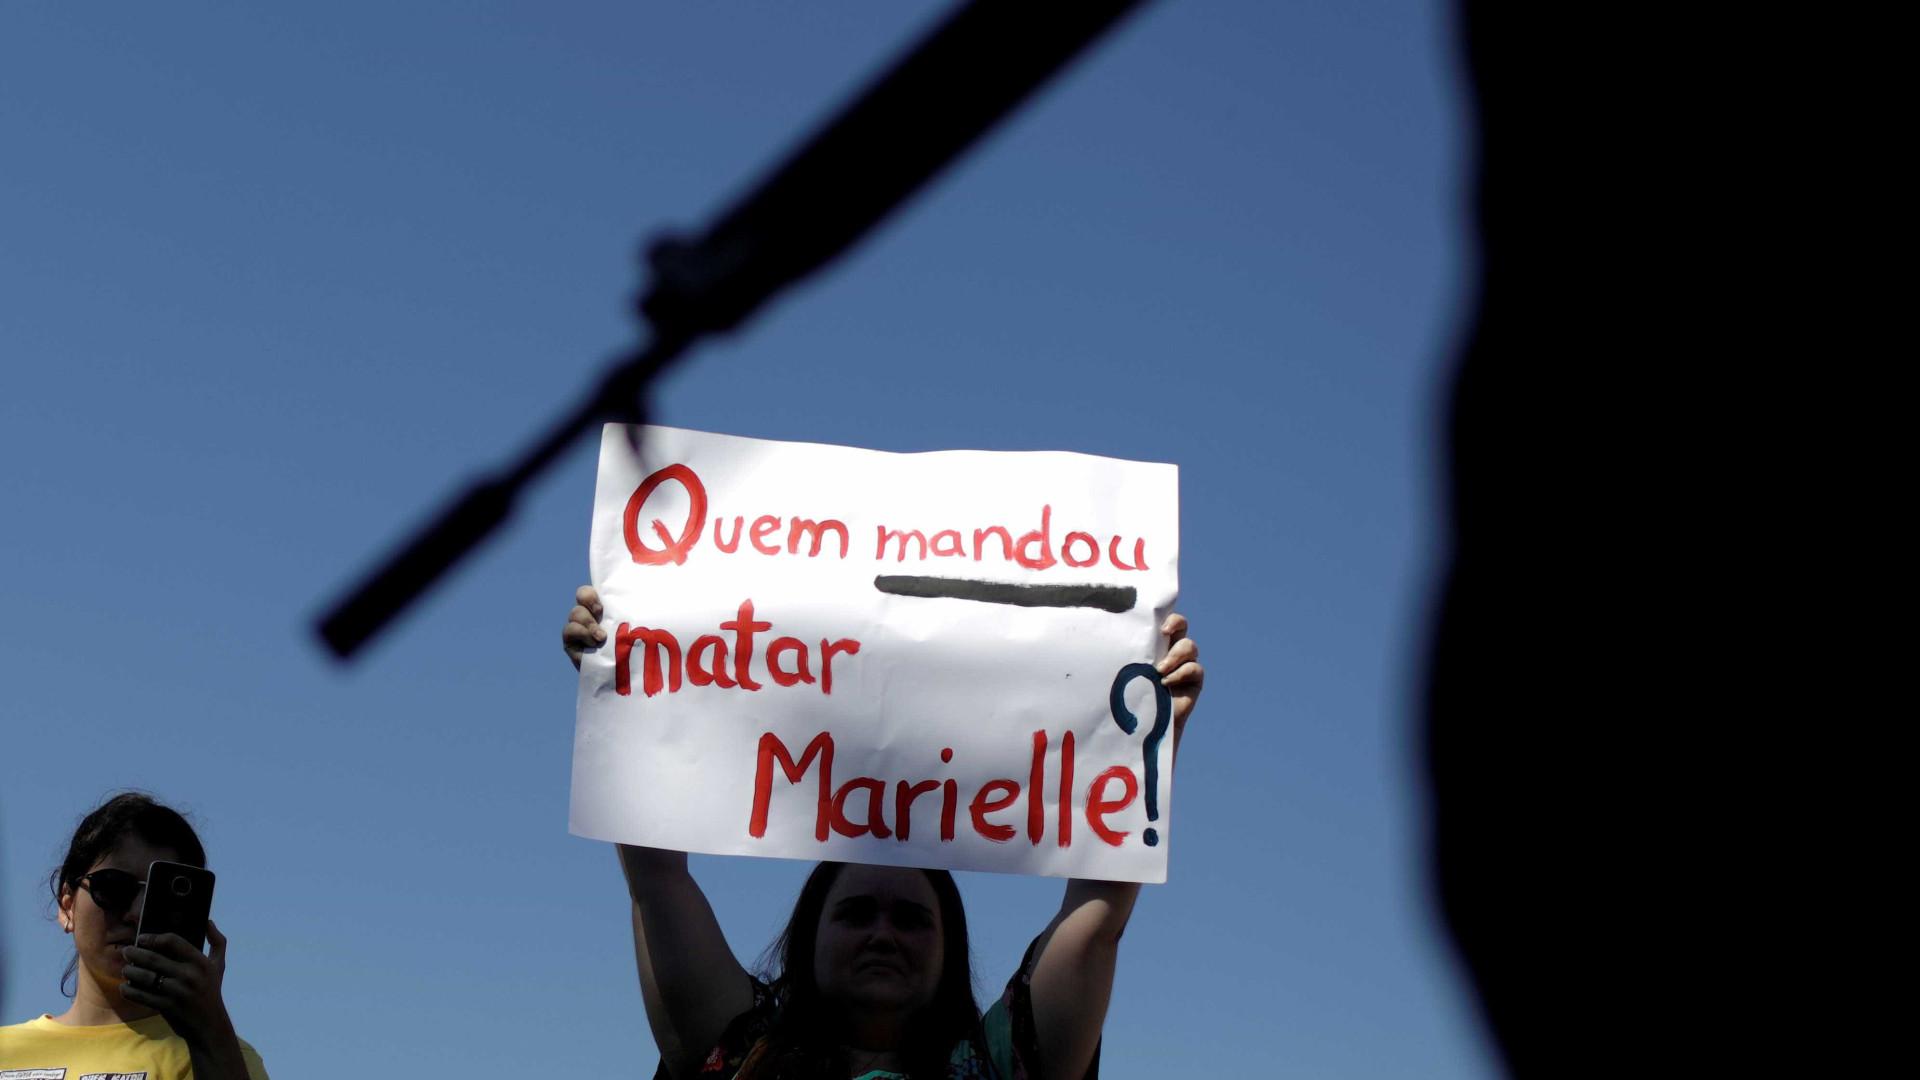 Polícia apreende documentos de vereador citado em caso Marielle